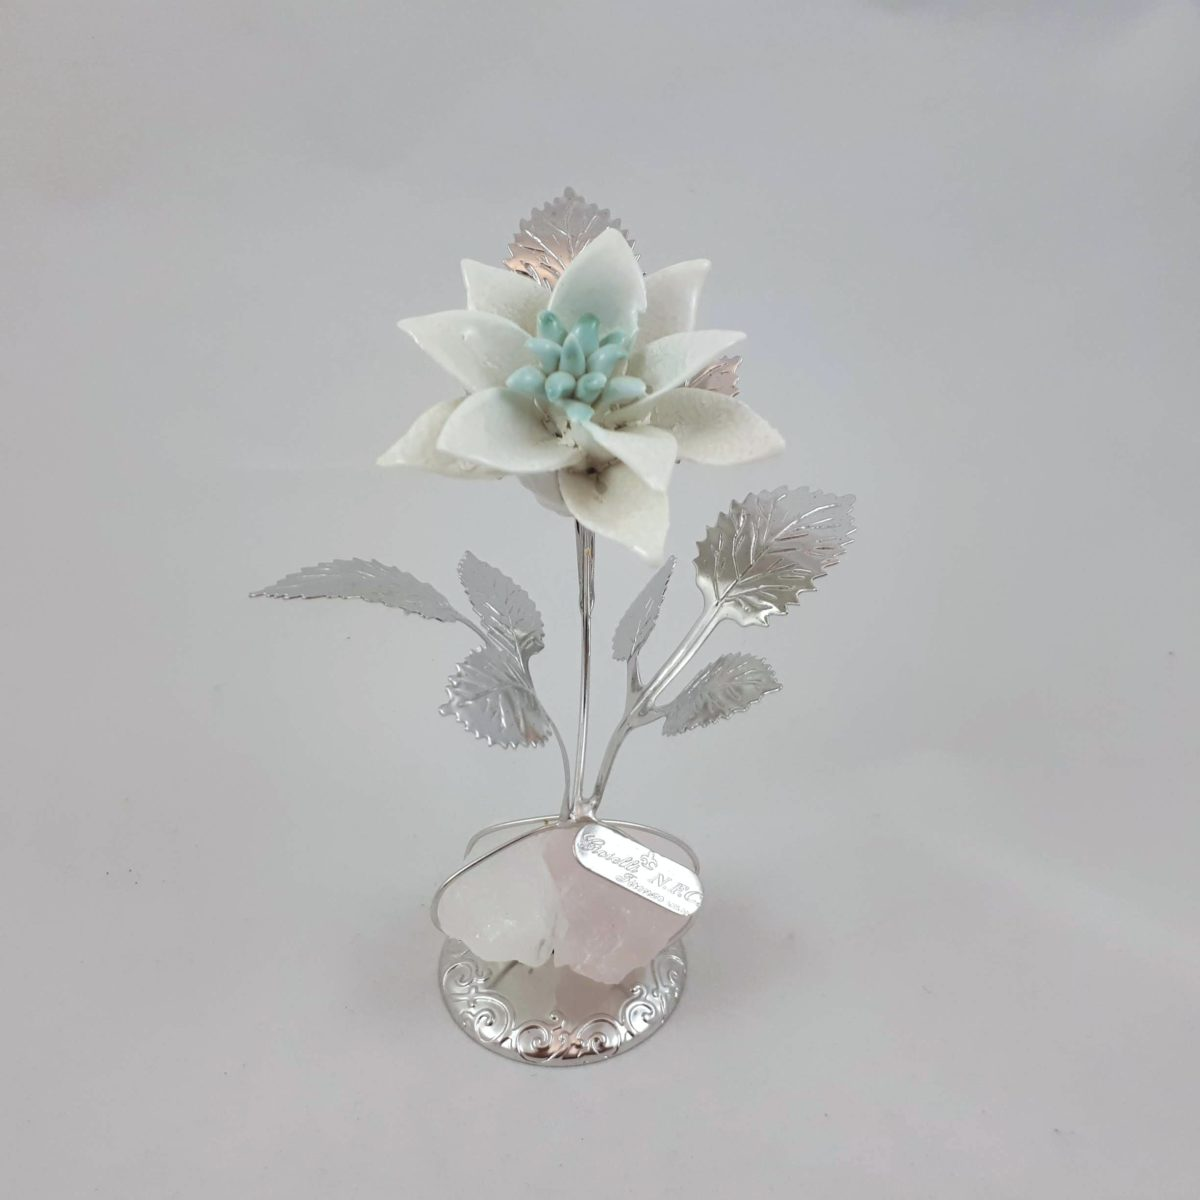 Stella Di Natale Bianca.Stella Di Natale In Argento E Porcellana Bianca Su Quarzo Rosa